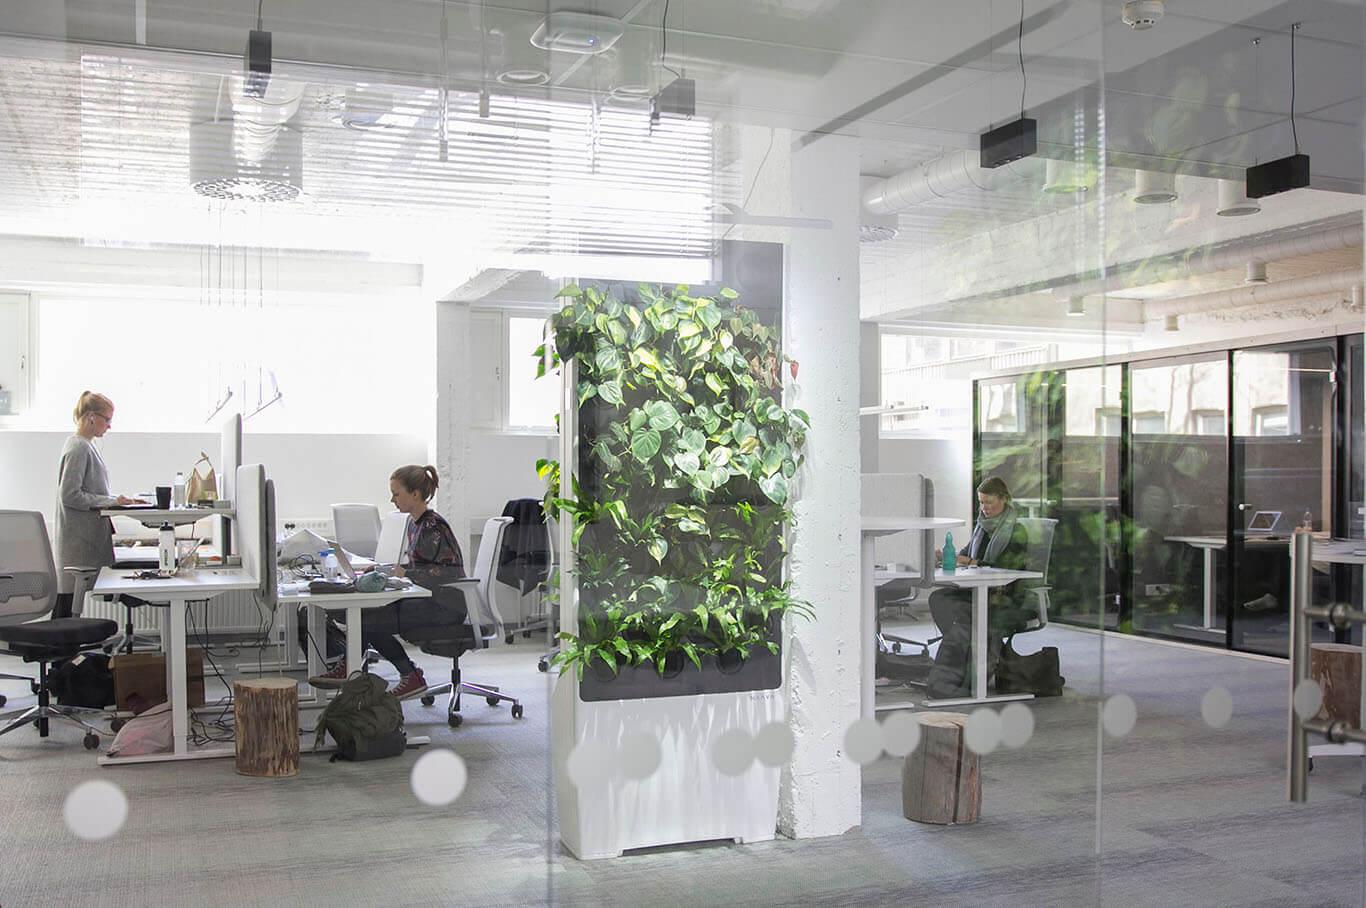 helsinki-office-009-min.jpg